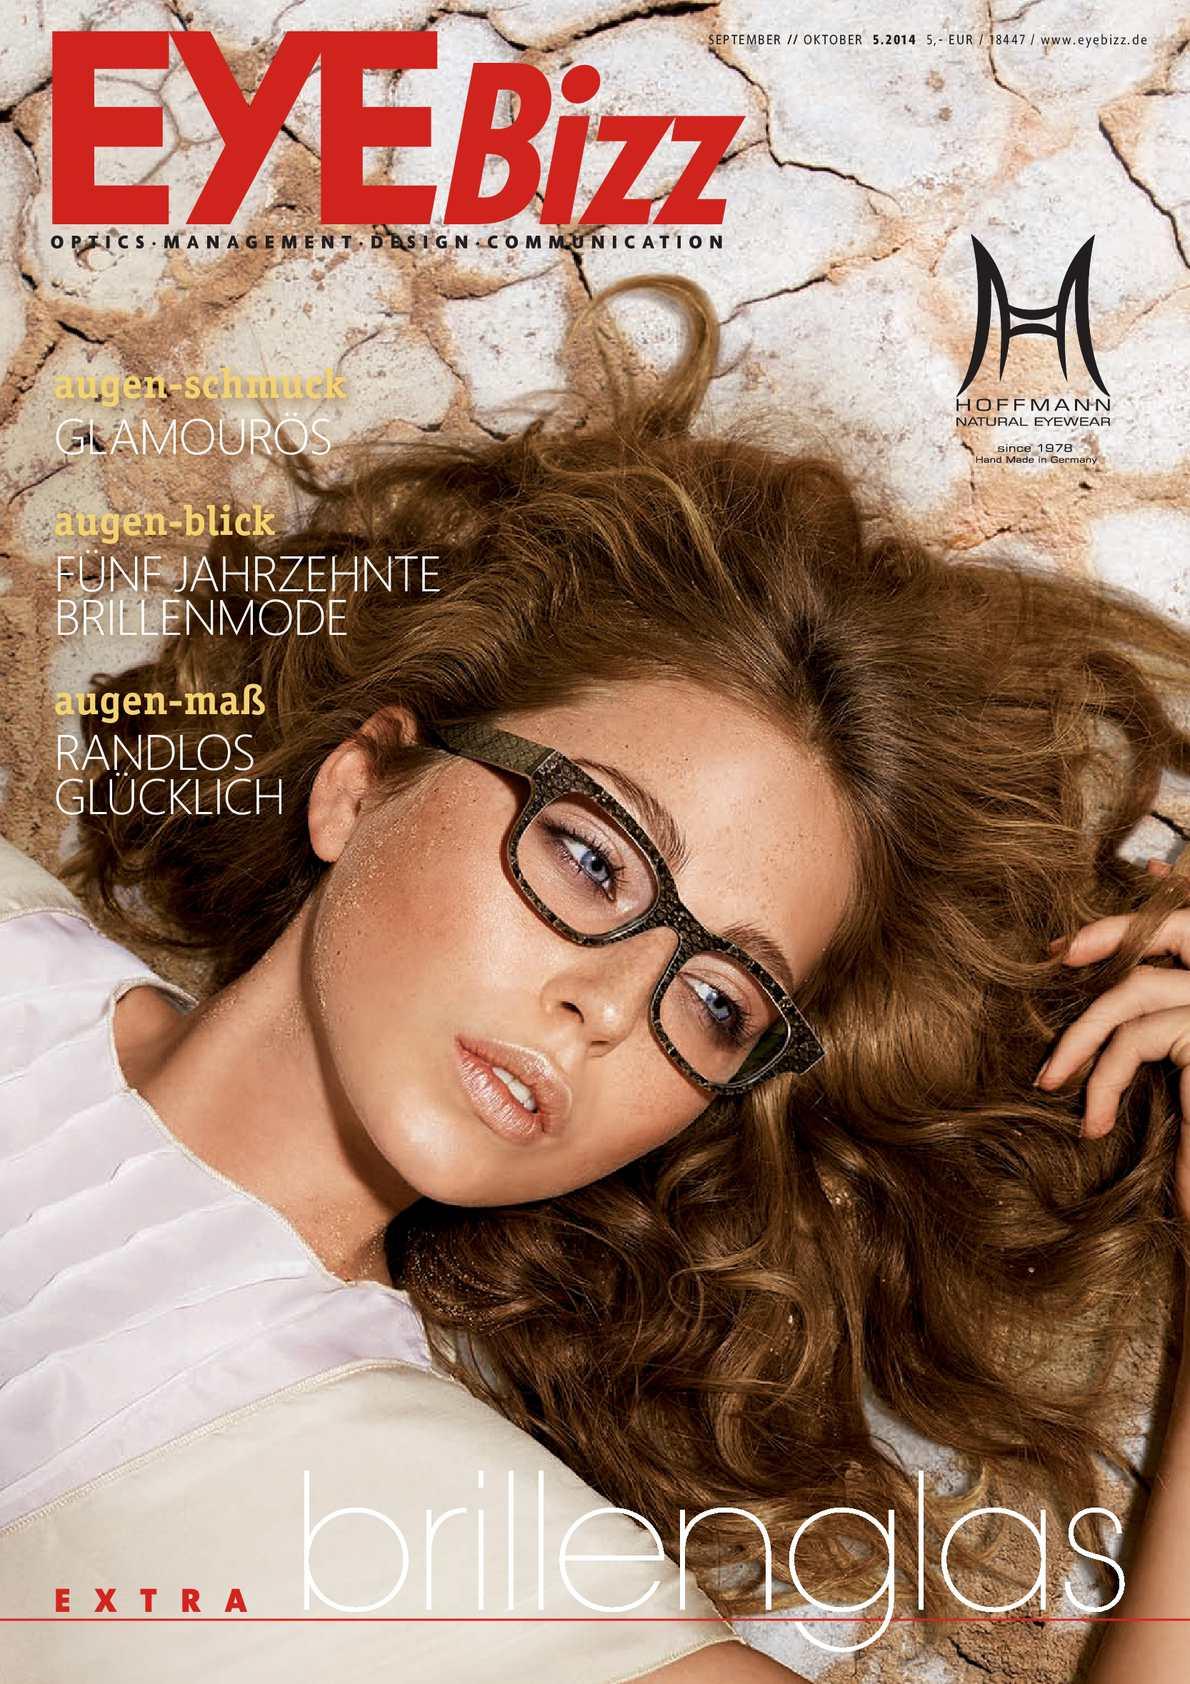 Sonnig Id Brillenfassung Titanium Damen Flache Form Komfort Marke Nickelfrei Neu Size M Sonnenbrillen & Zubehör